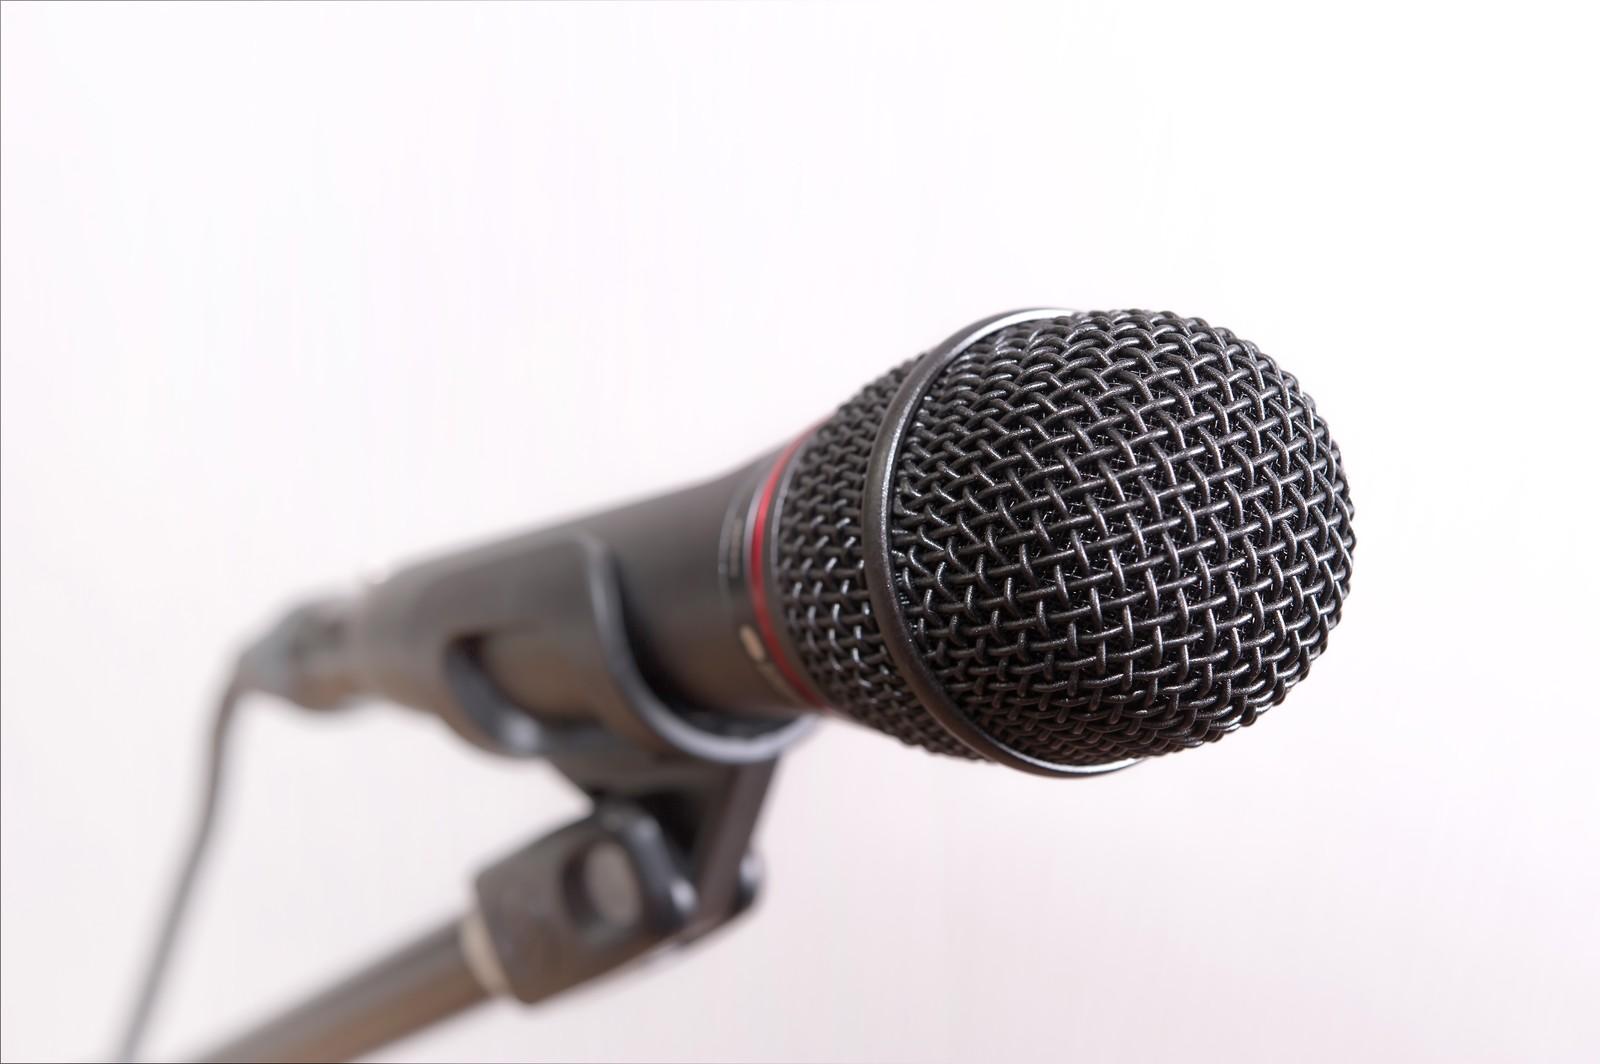 藤井風,歌い方,誰に似てる,雰囲気,声,世界観